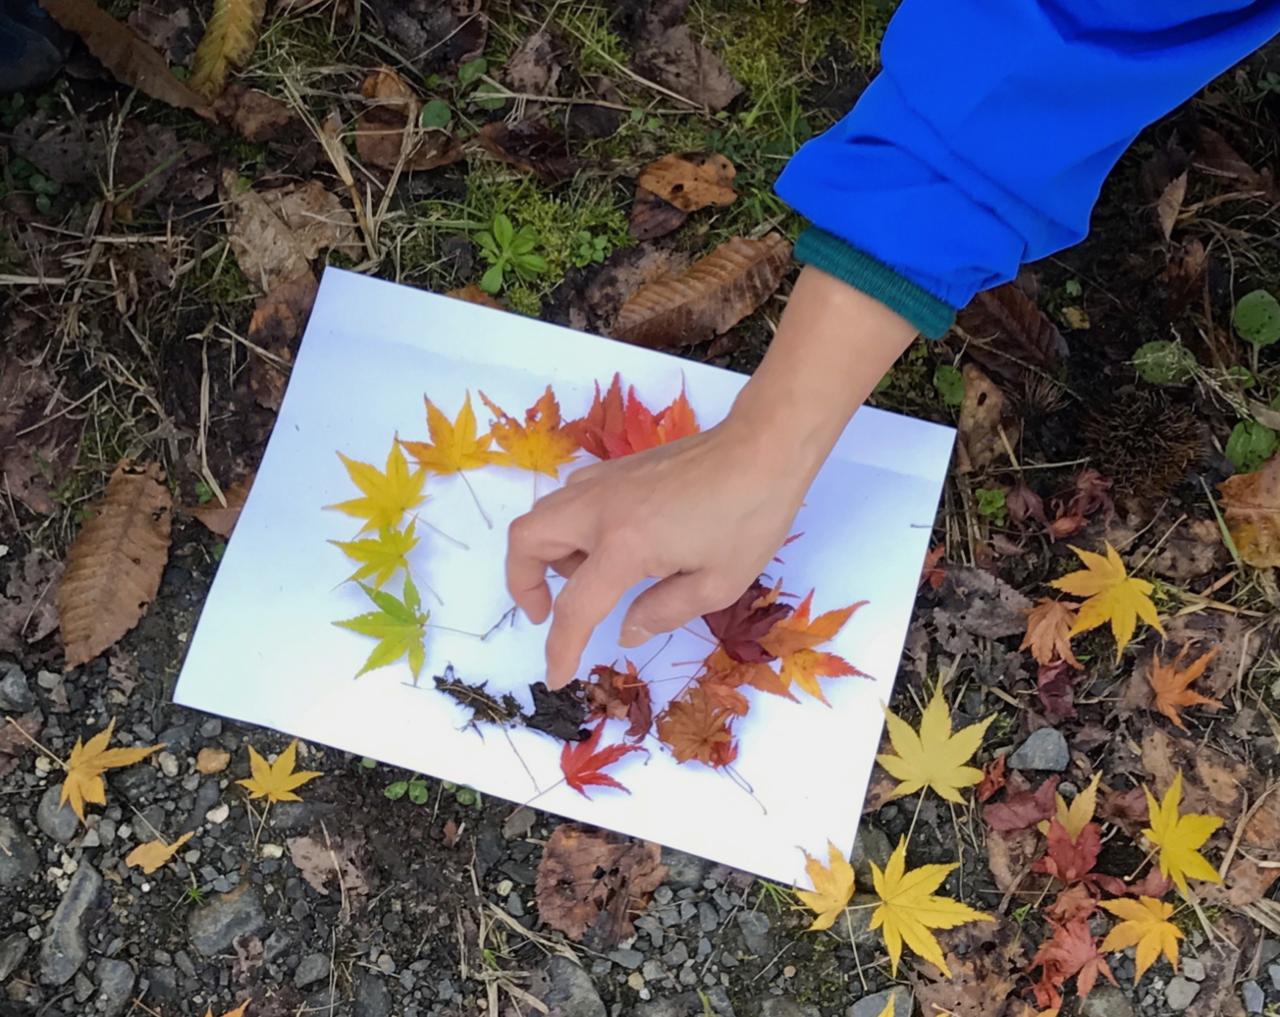 """秋にはなぜ葉が紅葉するのか。実物を並べて、葉っぱの一生を考えます。<br> <small class=""""font-small"""">写真提供:高見幸子</small>"""